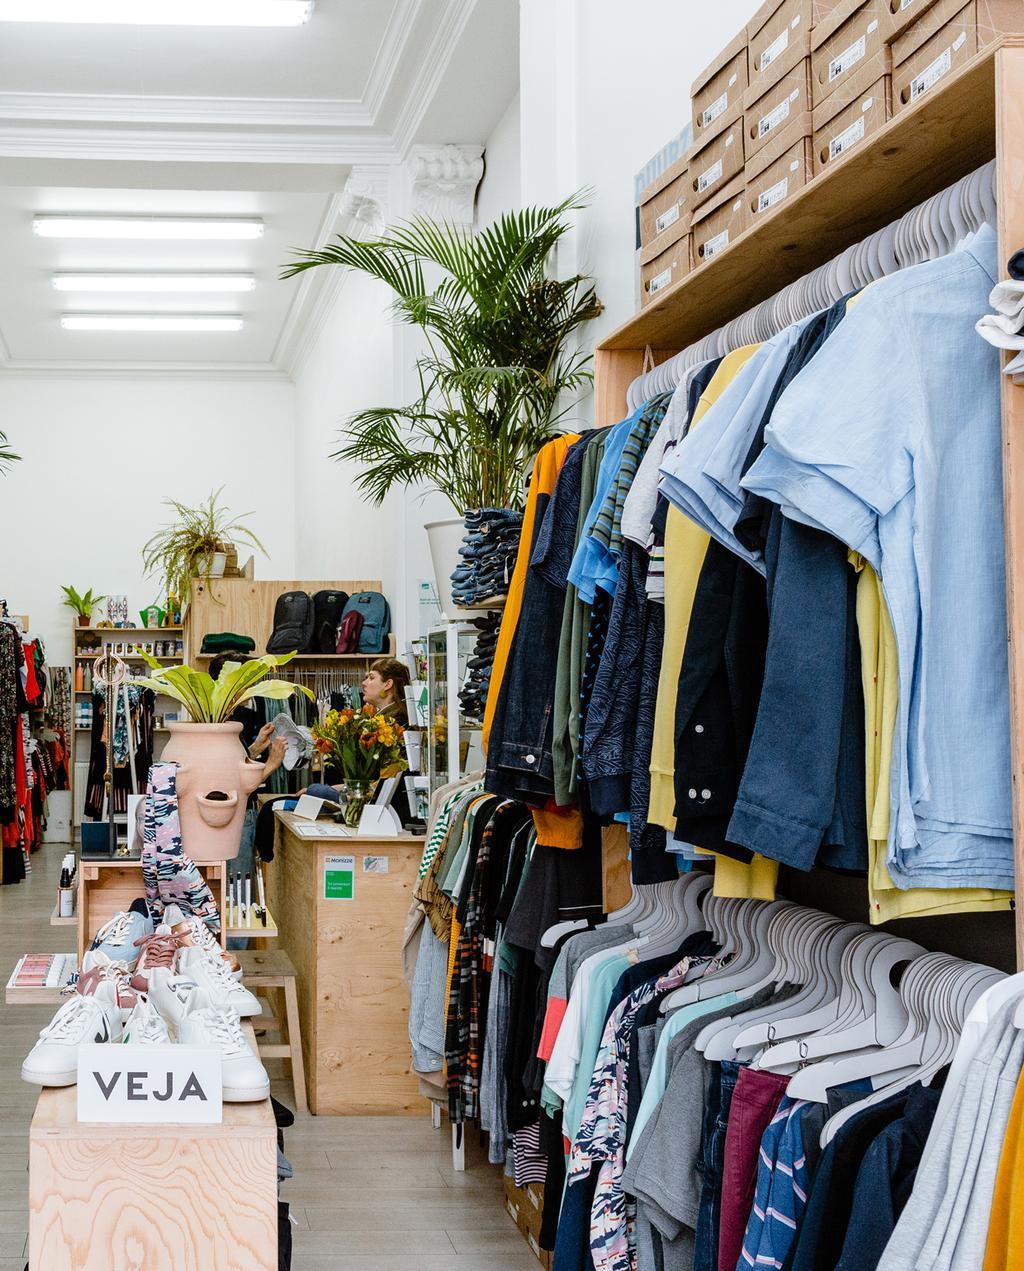 vtwonen 2-2020 | Gent kledingwinkel